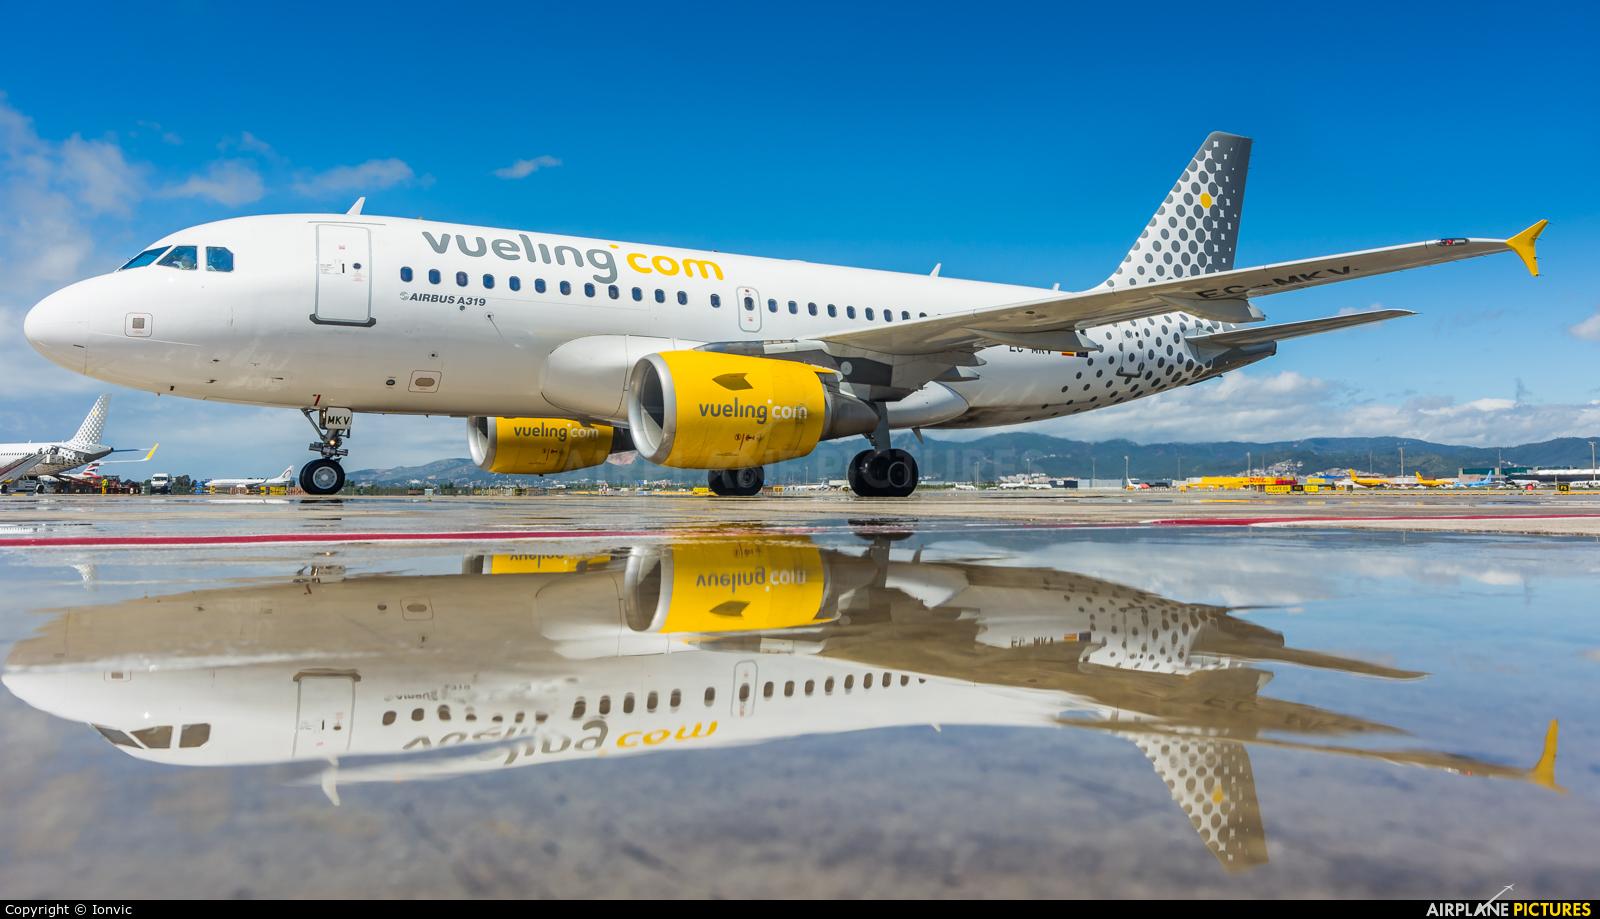 Vueling Airlines EC-MKV aircraft at Barcelona - El Prat